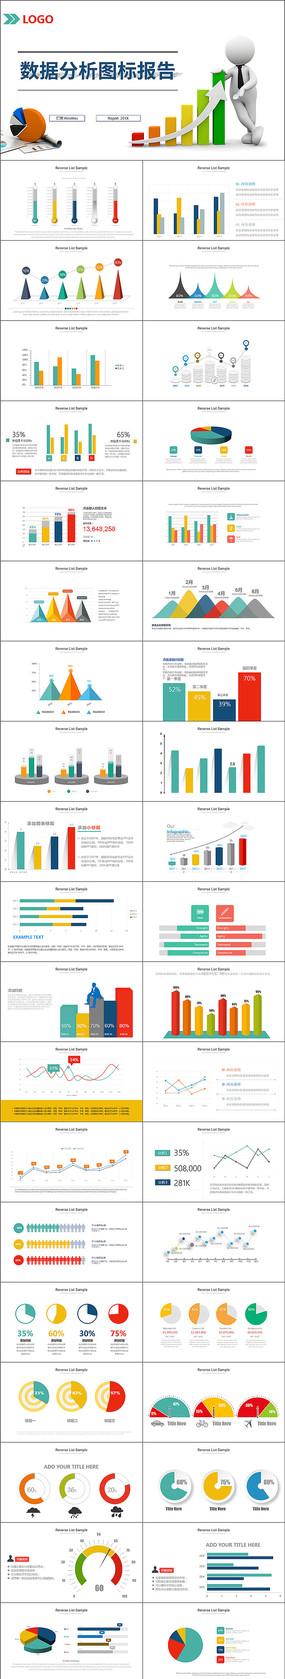 数据图表统计分析报告PPT ppt